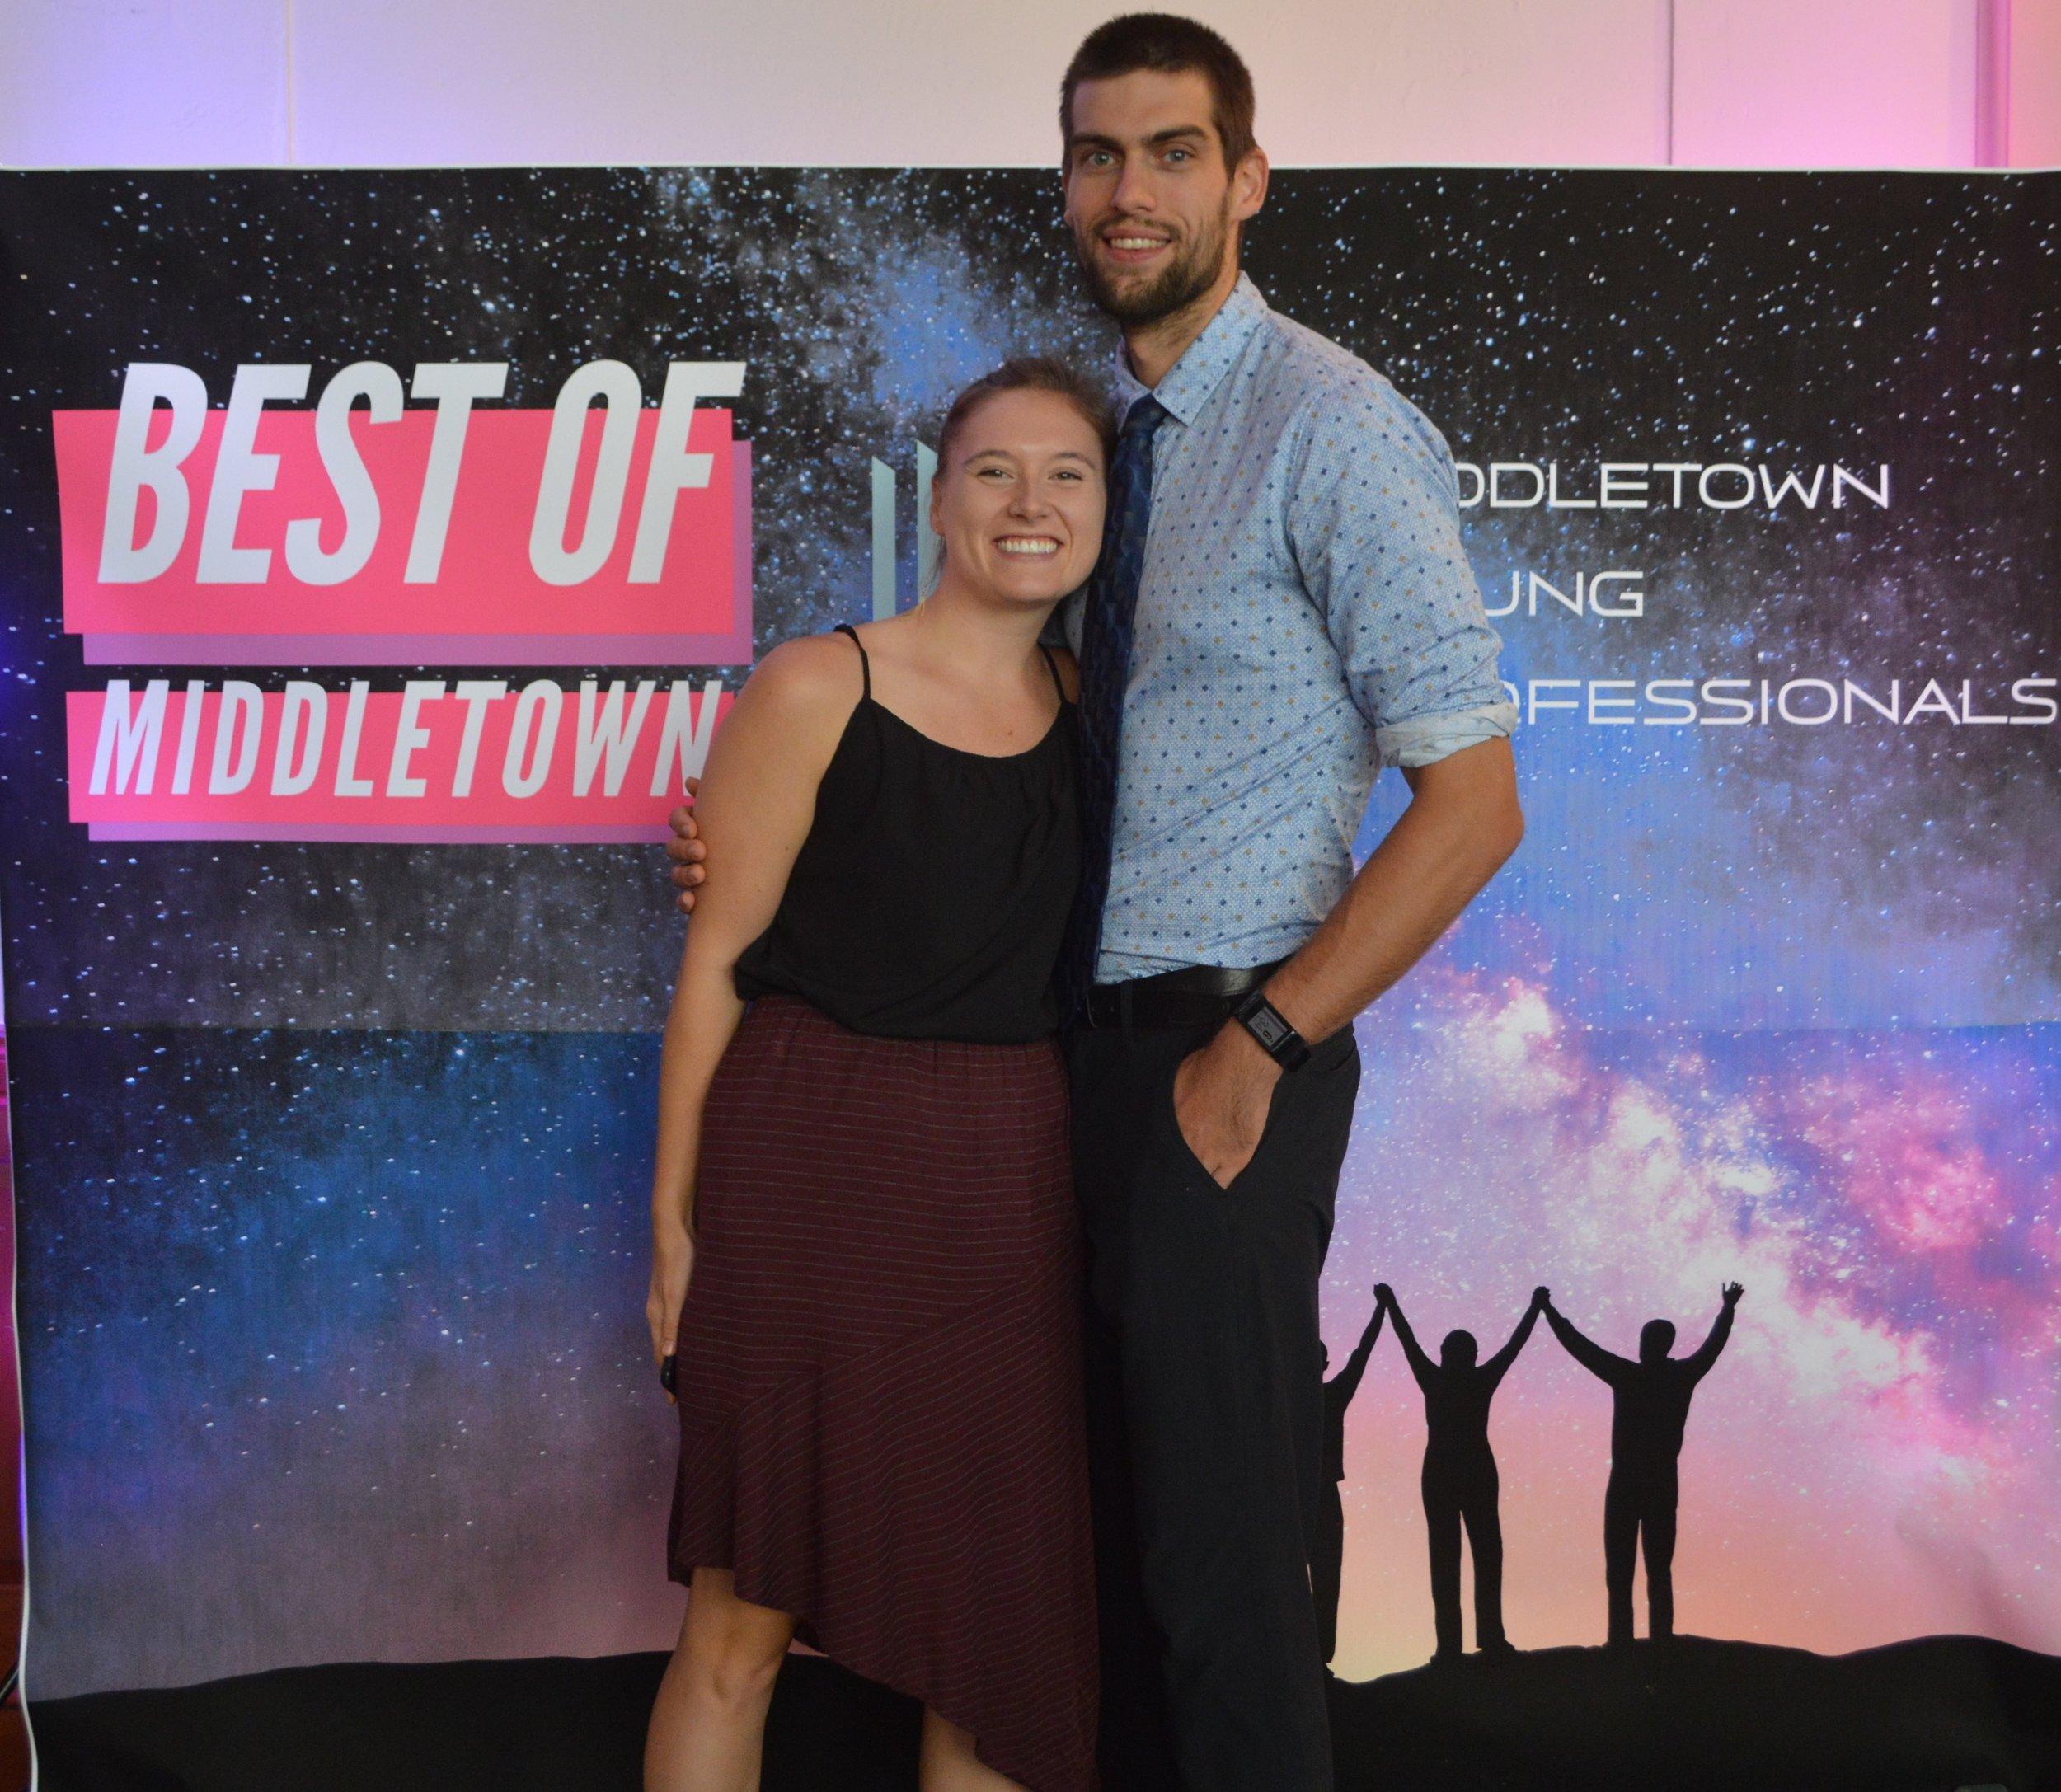 bestofmiddletown2018 (24).JPG